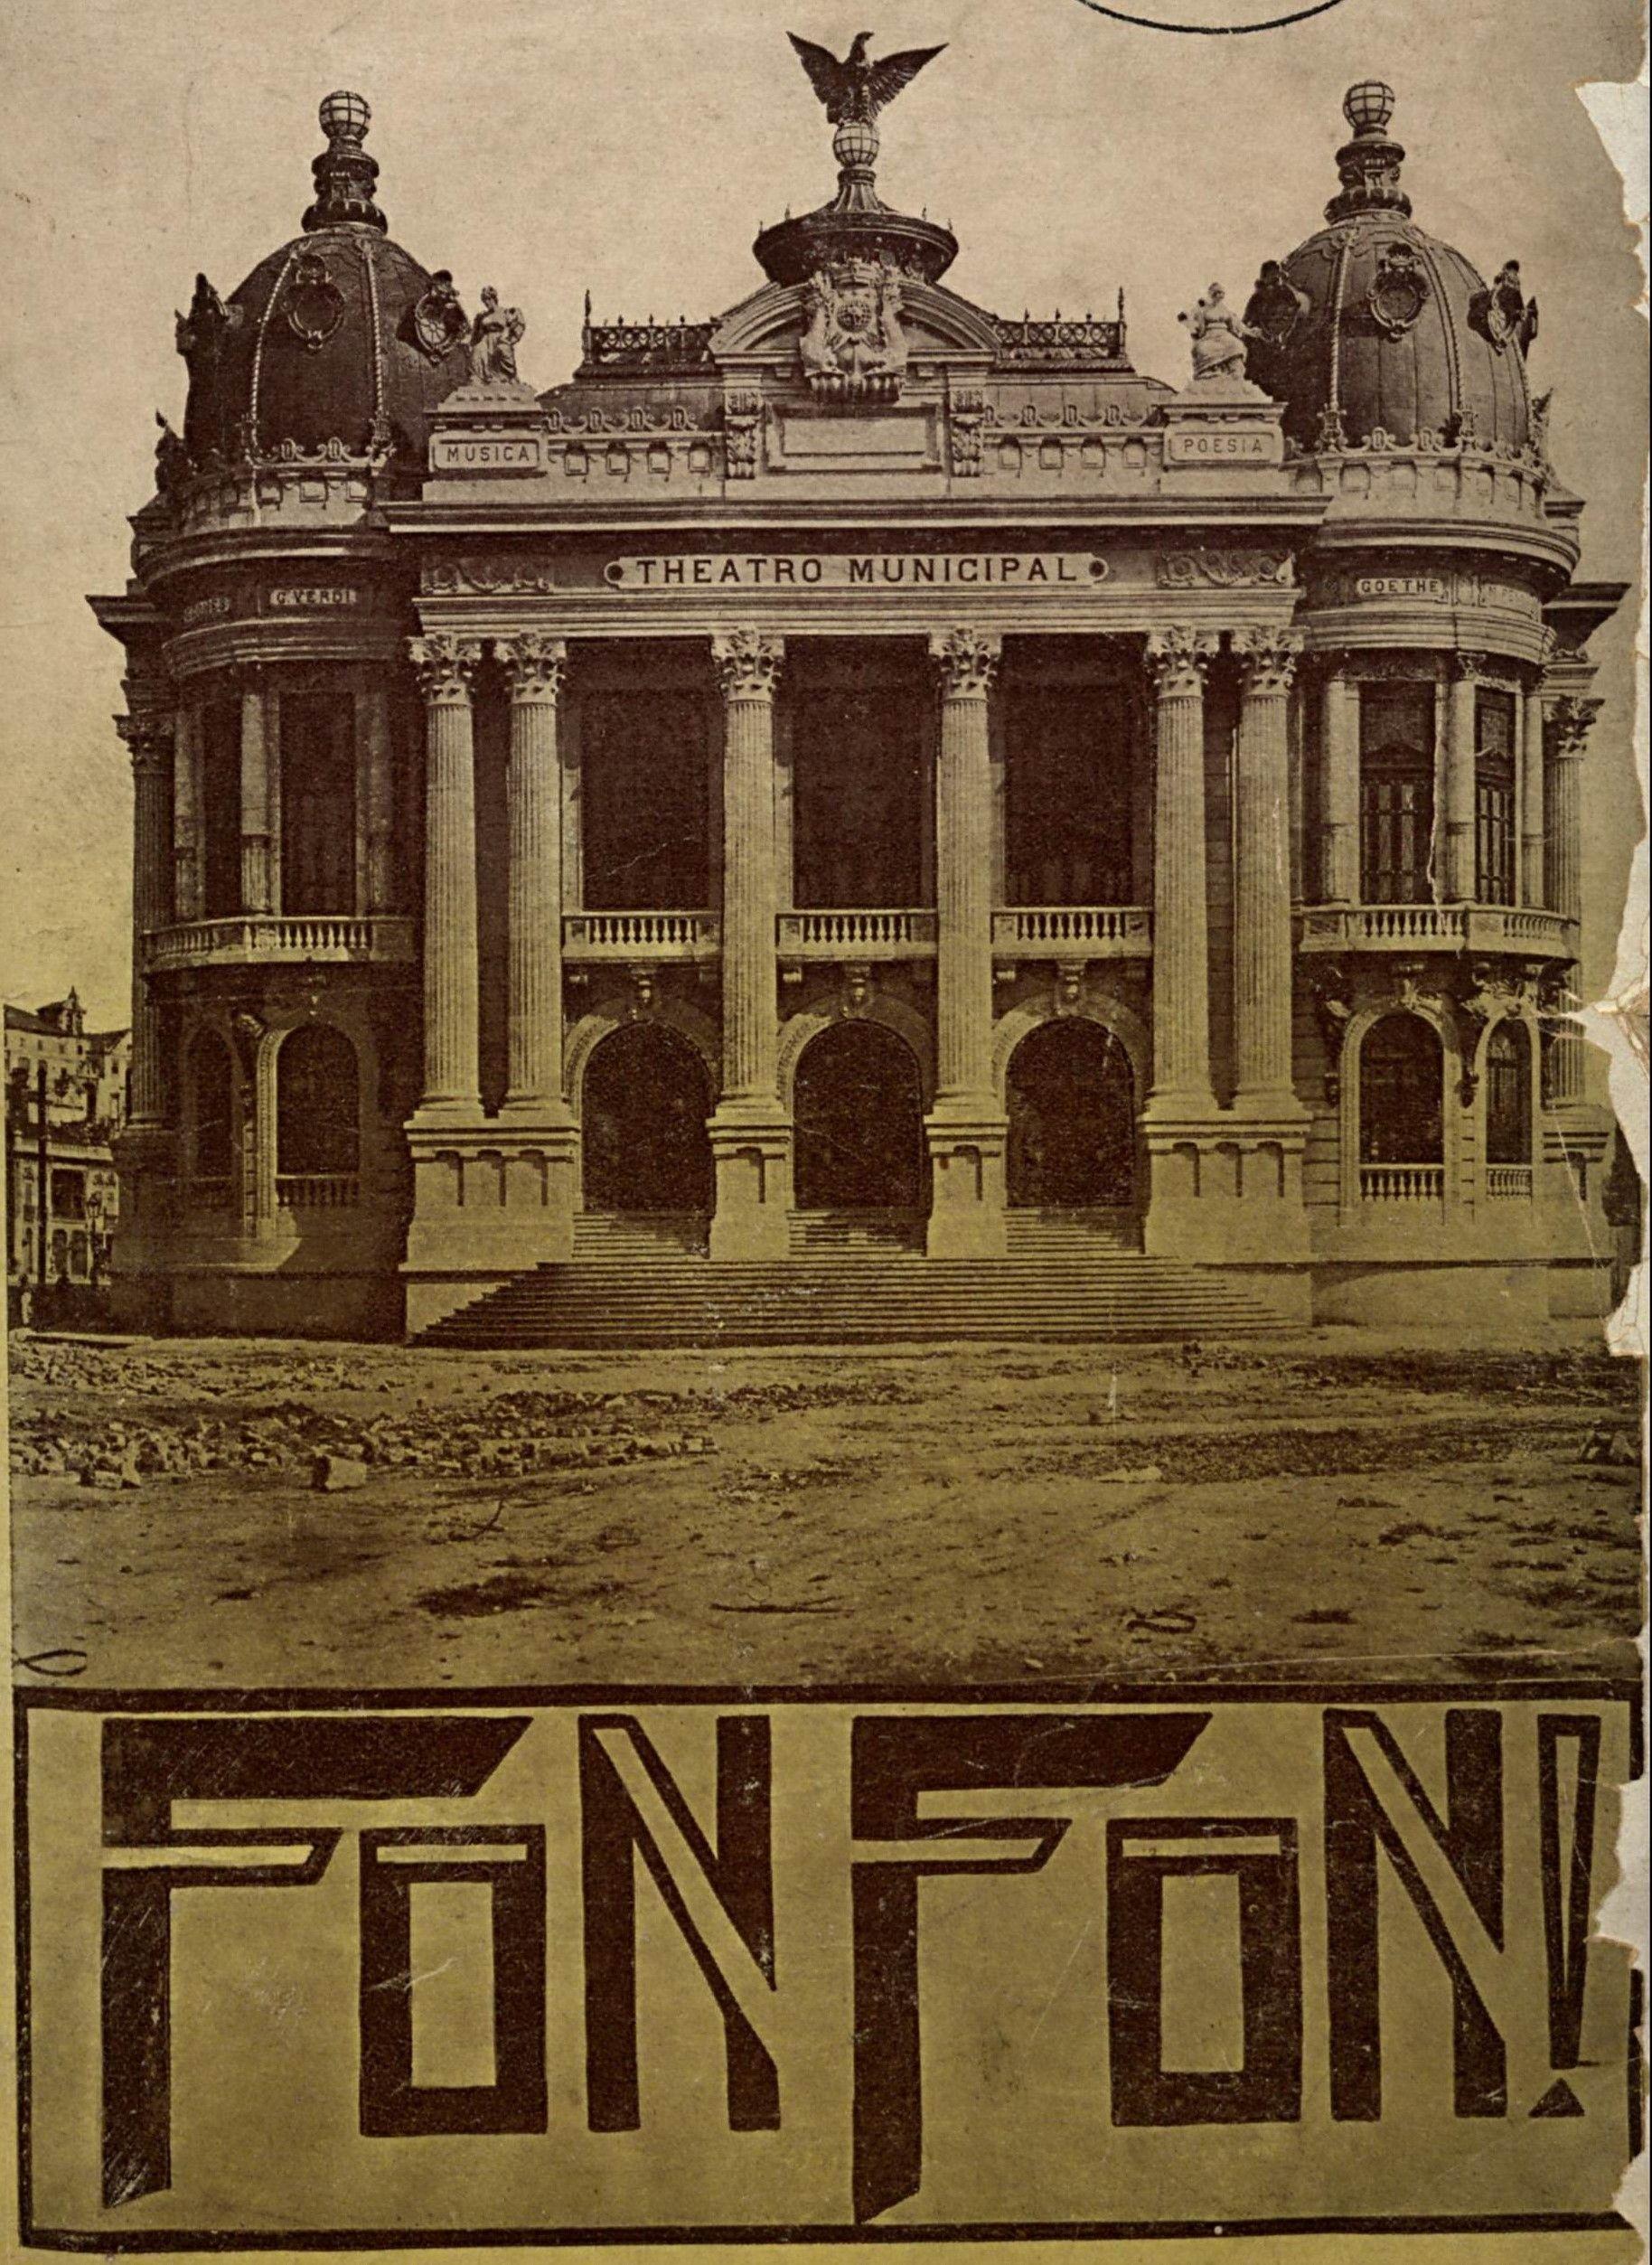 Teatro Municipal do Rio de Janeiro, dias antes da inauguração - Revista Fon-Fon!, 1909.